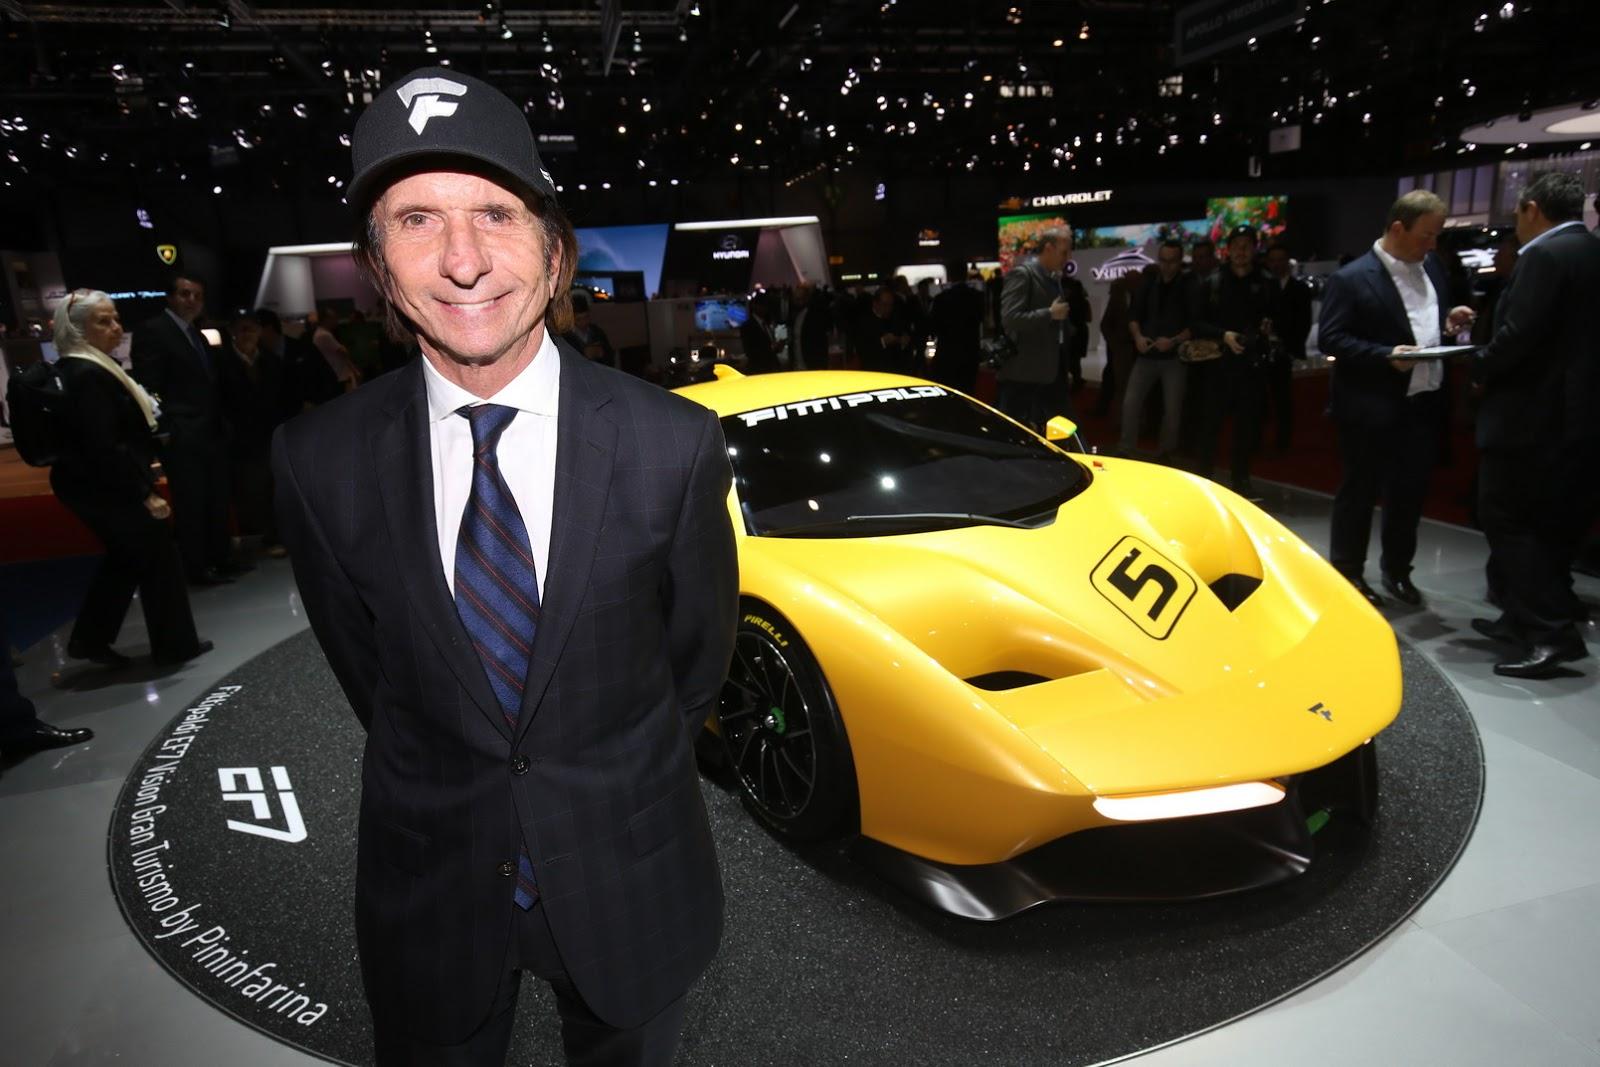 Fittipaldi EF7 Vision Gran Turismo in Geneva 2017 (8)